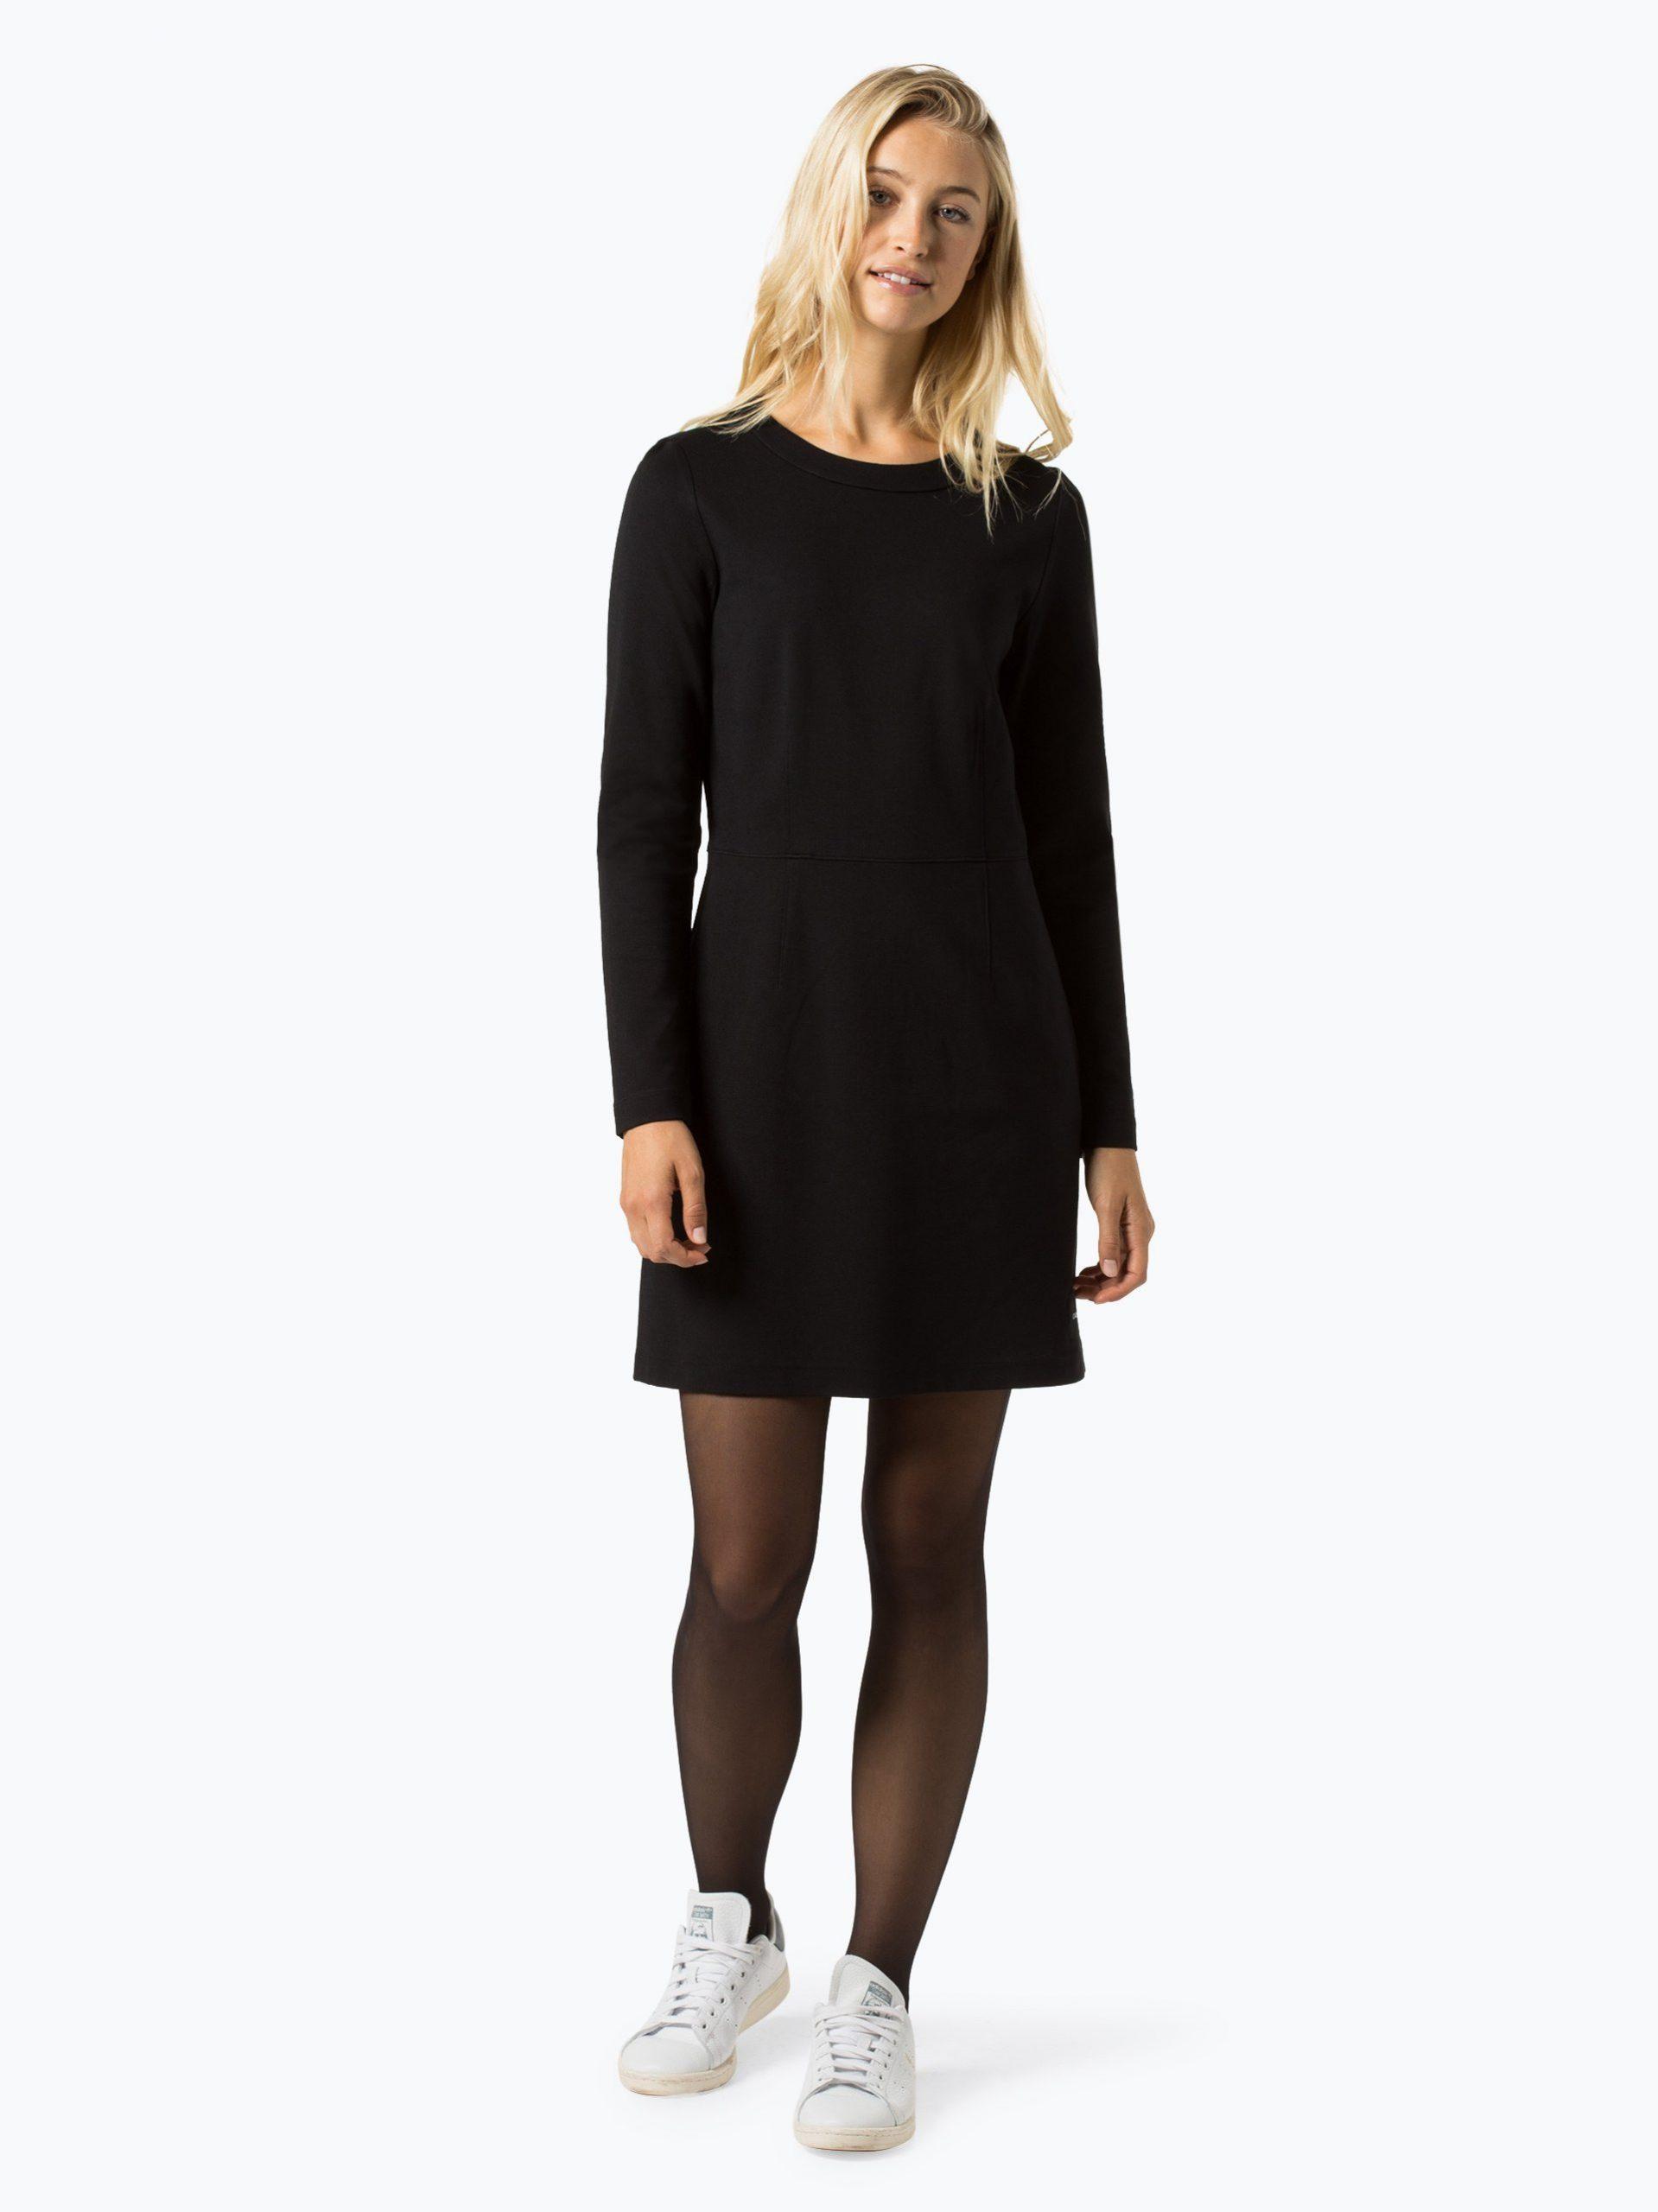 Calvin Klein Jeans Damen Kleid Online Kaufen  Peekund